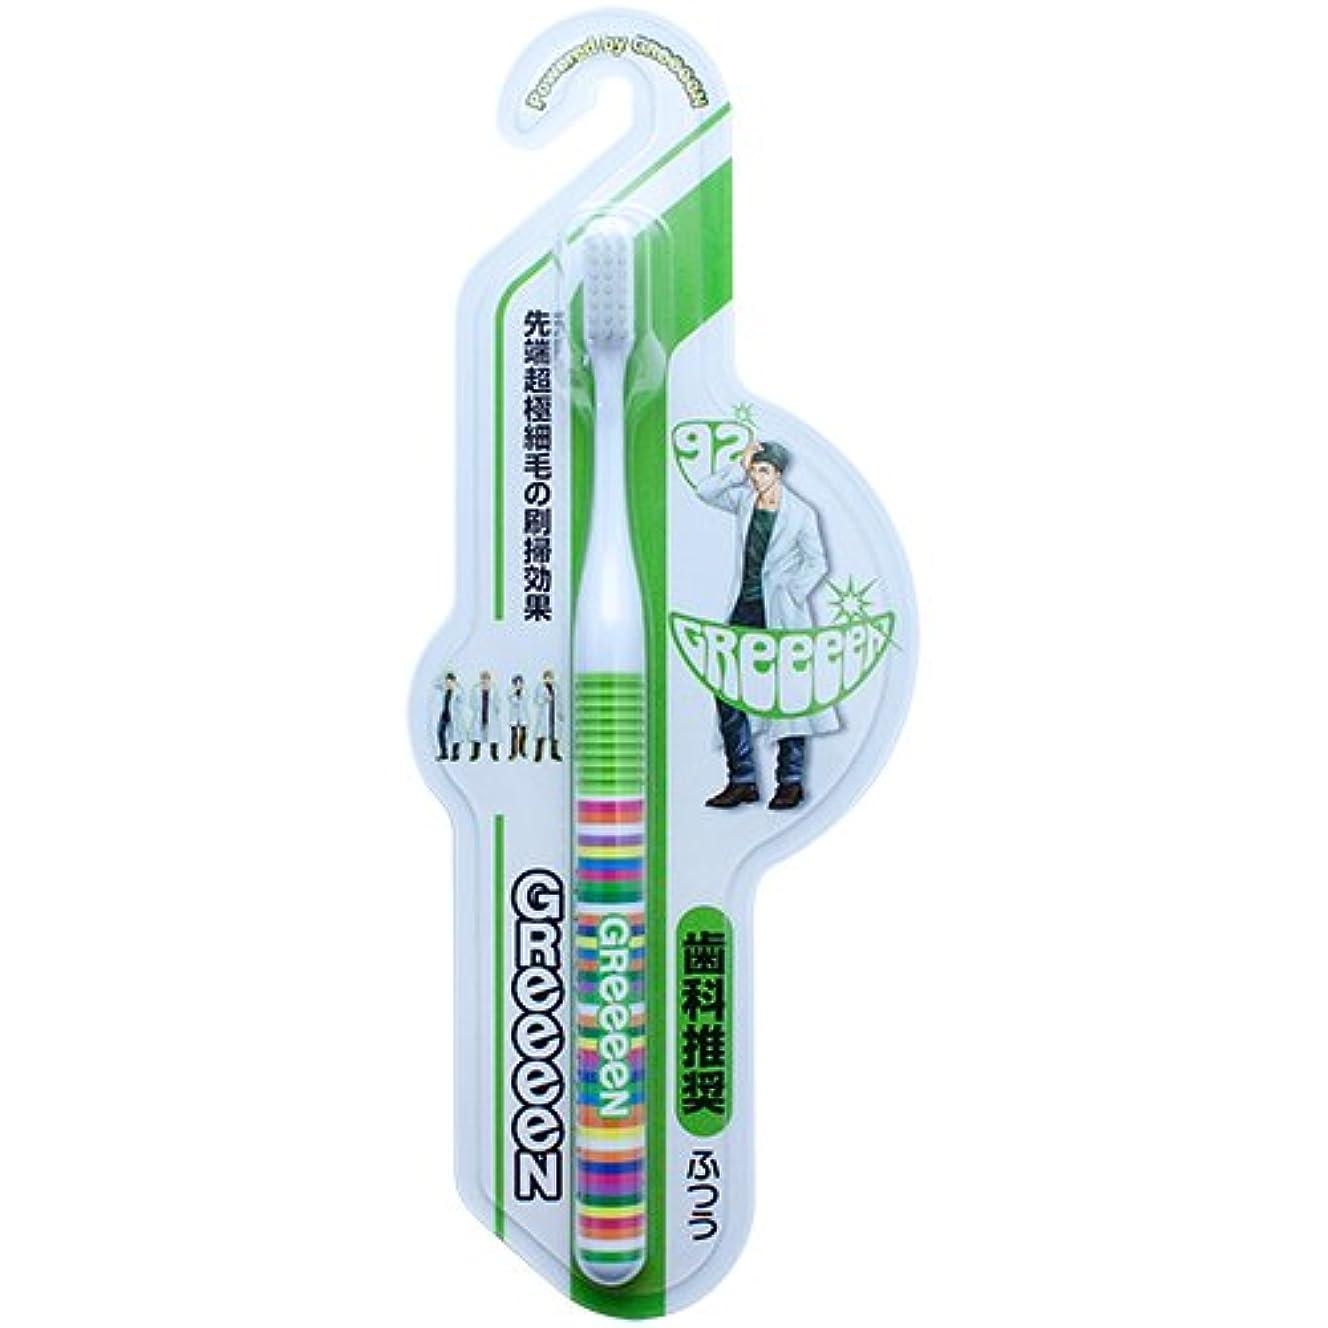 抜粋練るGReeeeN 3列ヘッドラバーグリップ超極細毛歯ブラシ SIRO 92 1本